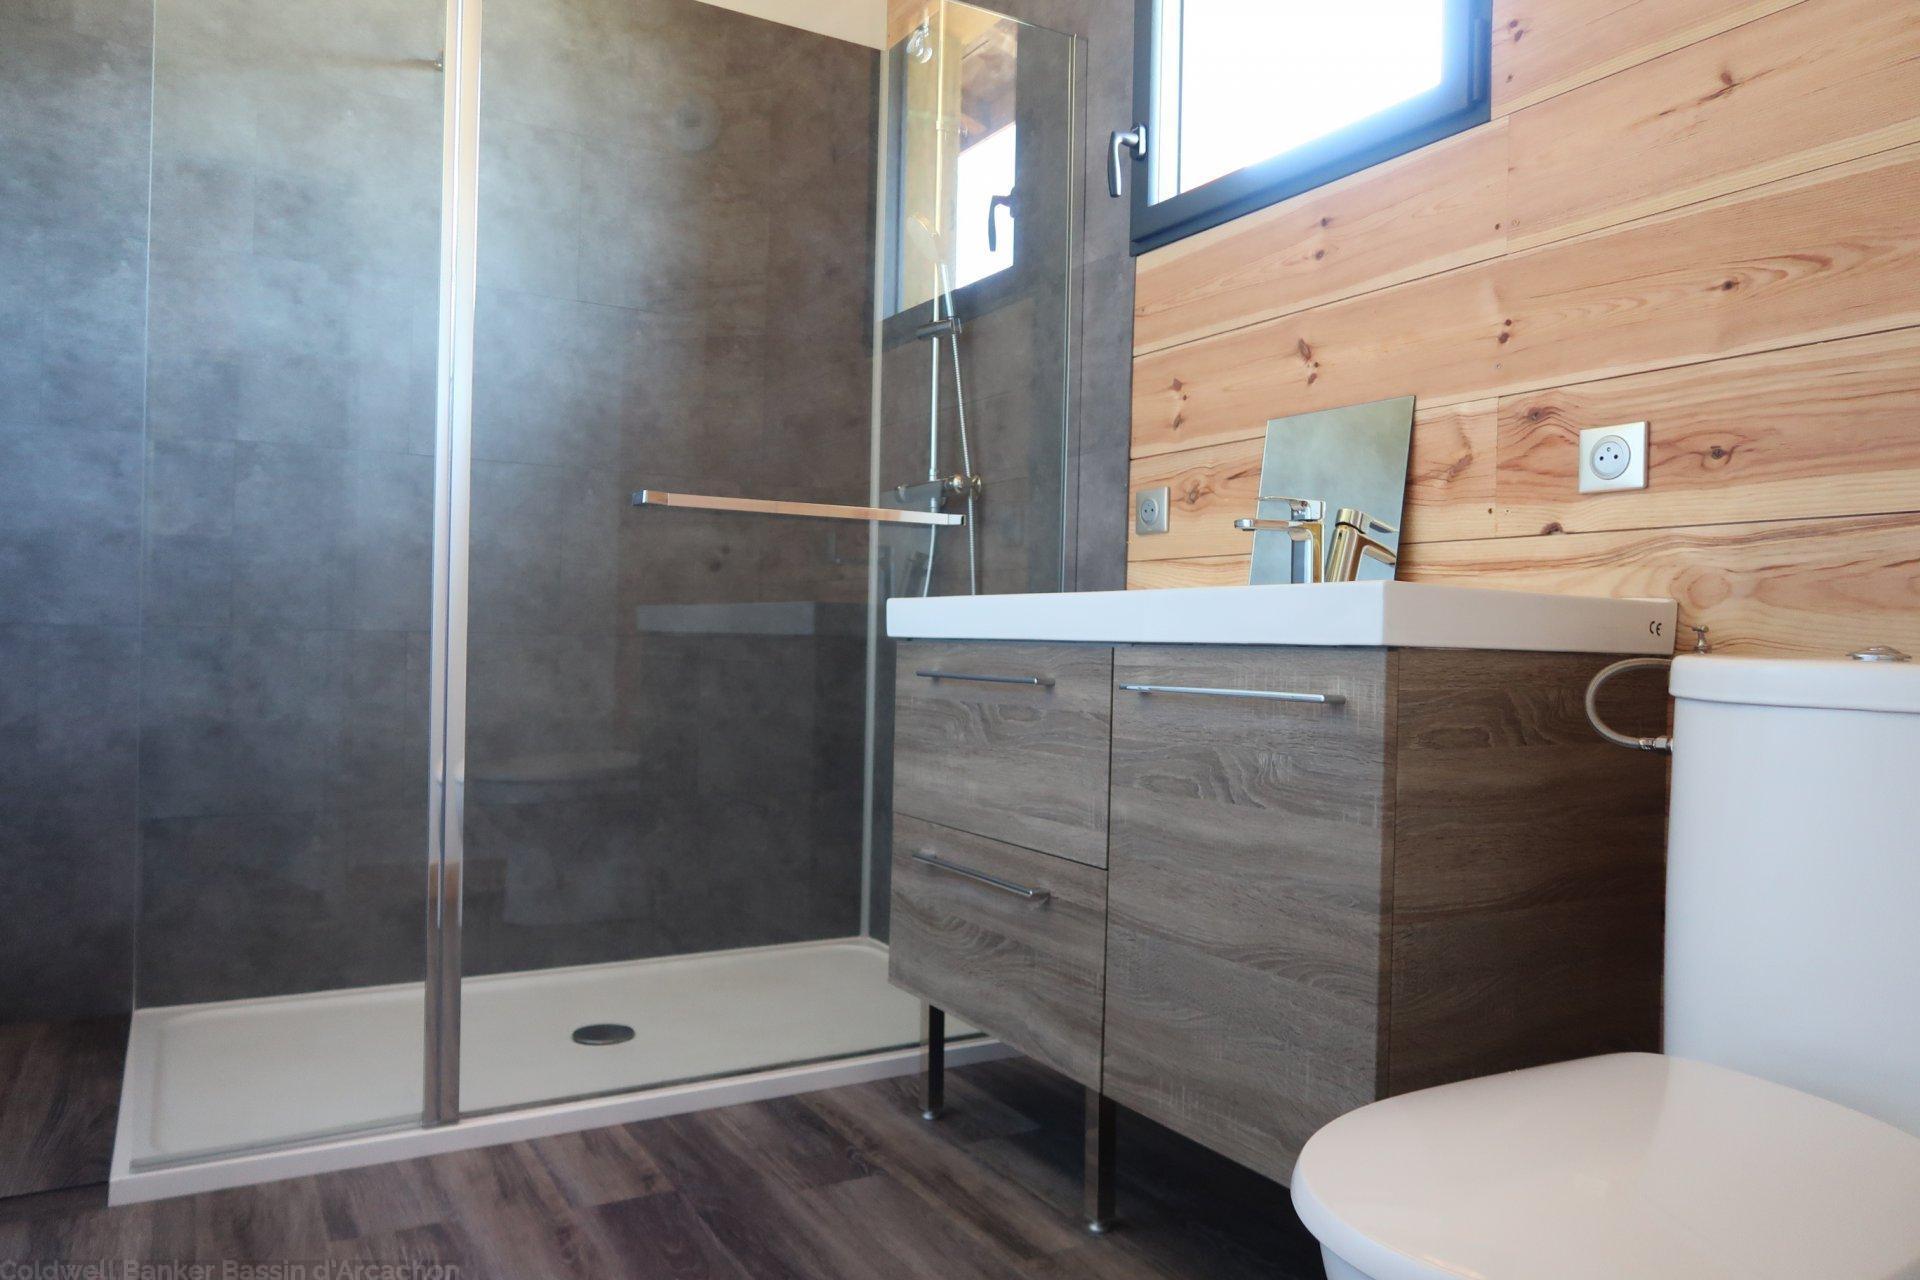 Belle maison de vacances 5 chambres avec terrain a vendre proche bassin d'arcachon salles gironde